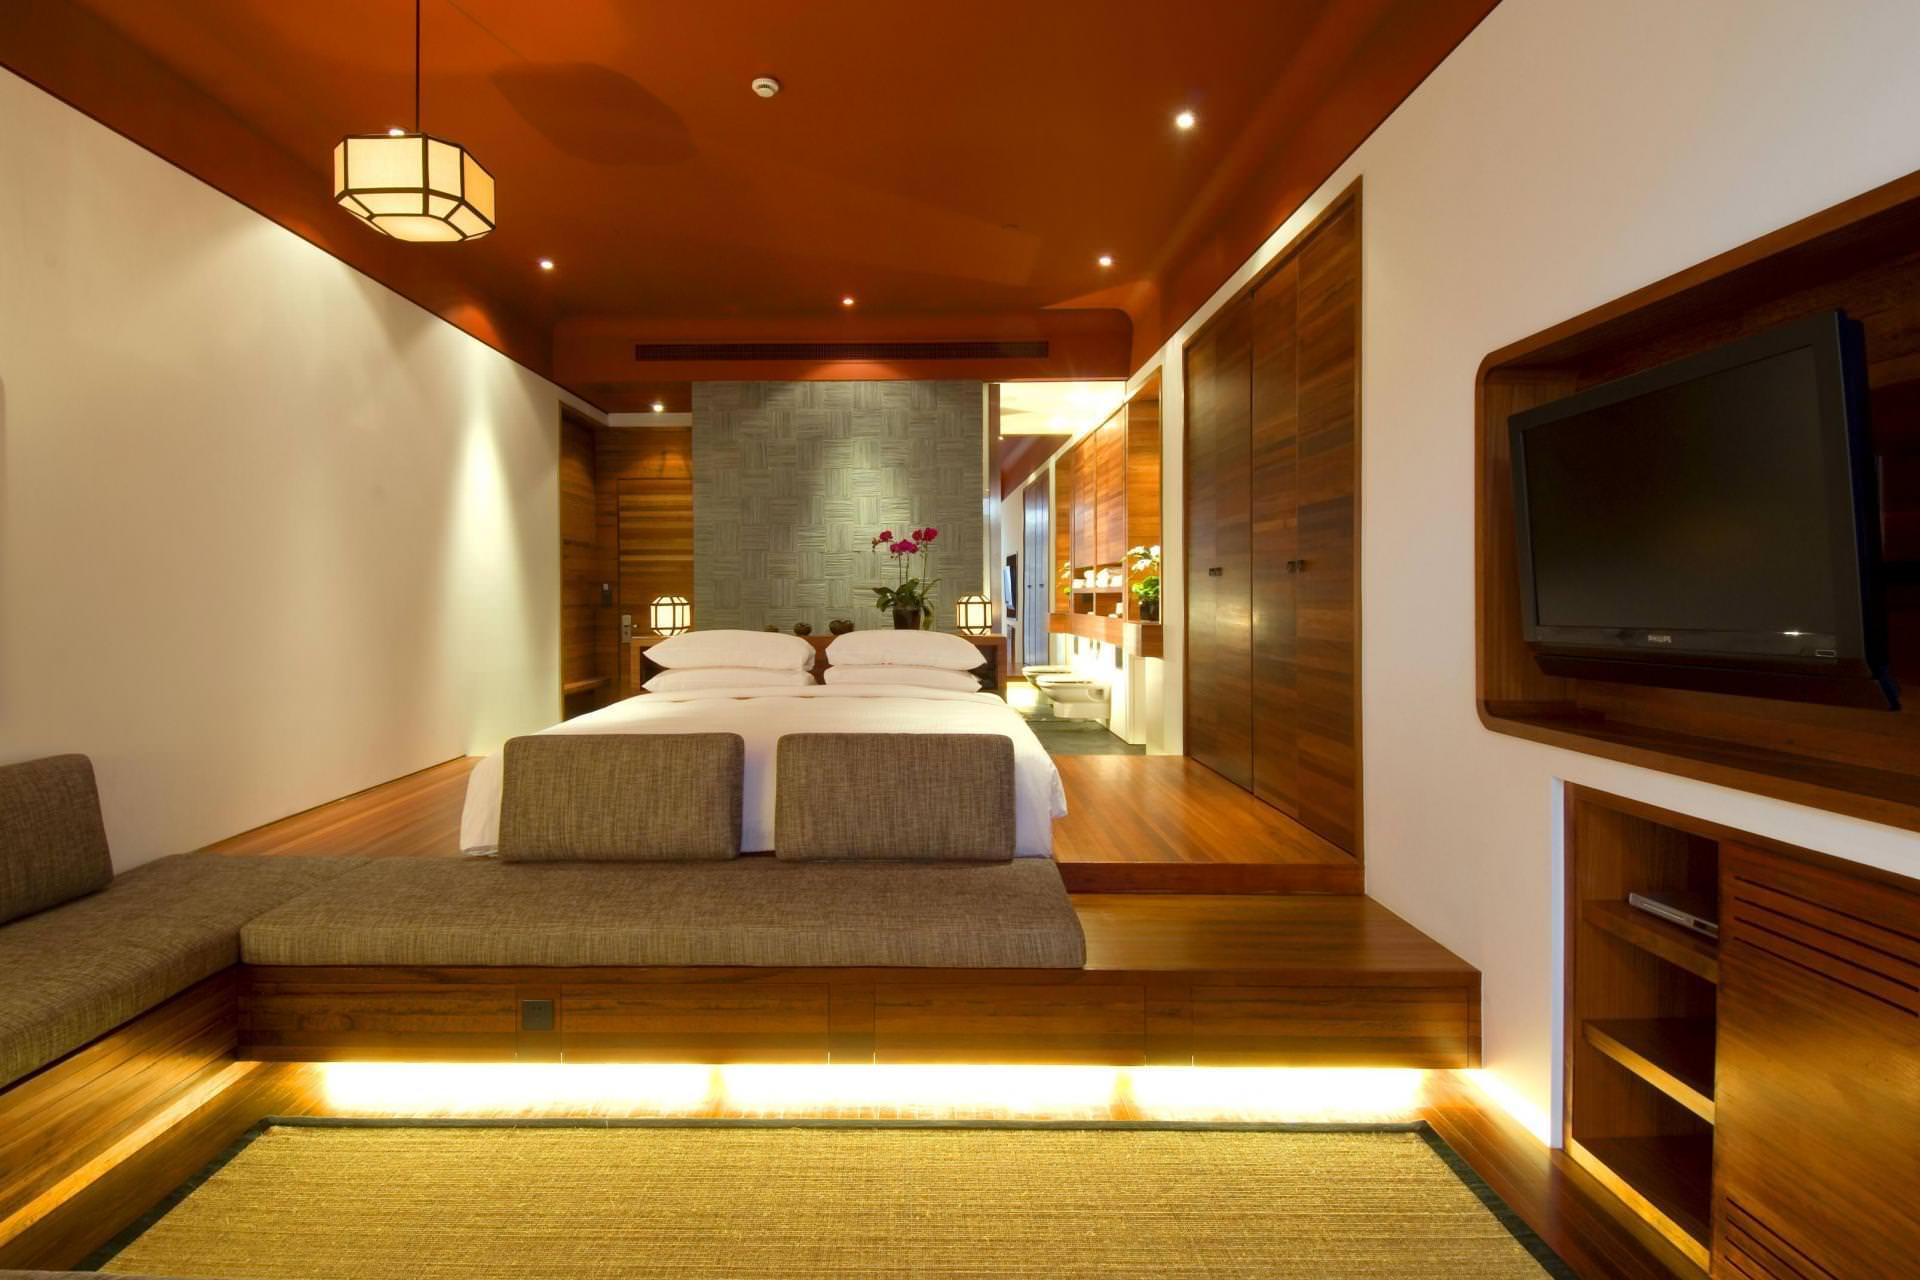 дизайн спальни гостиной 17 кв м фото